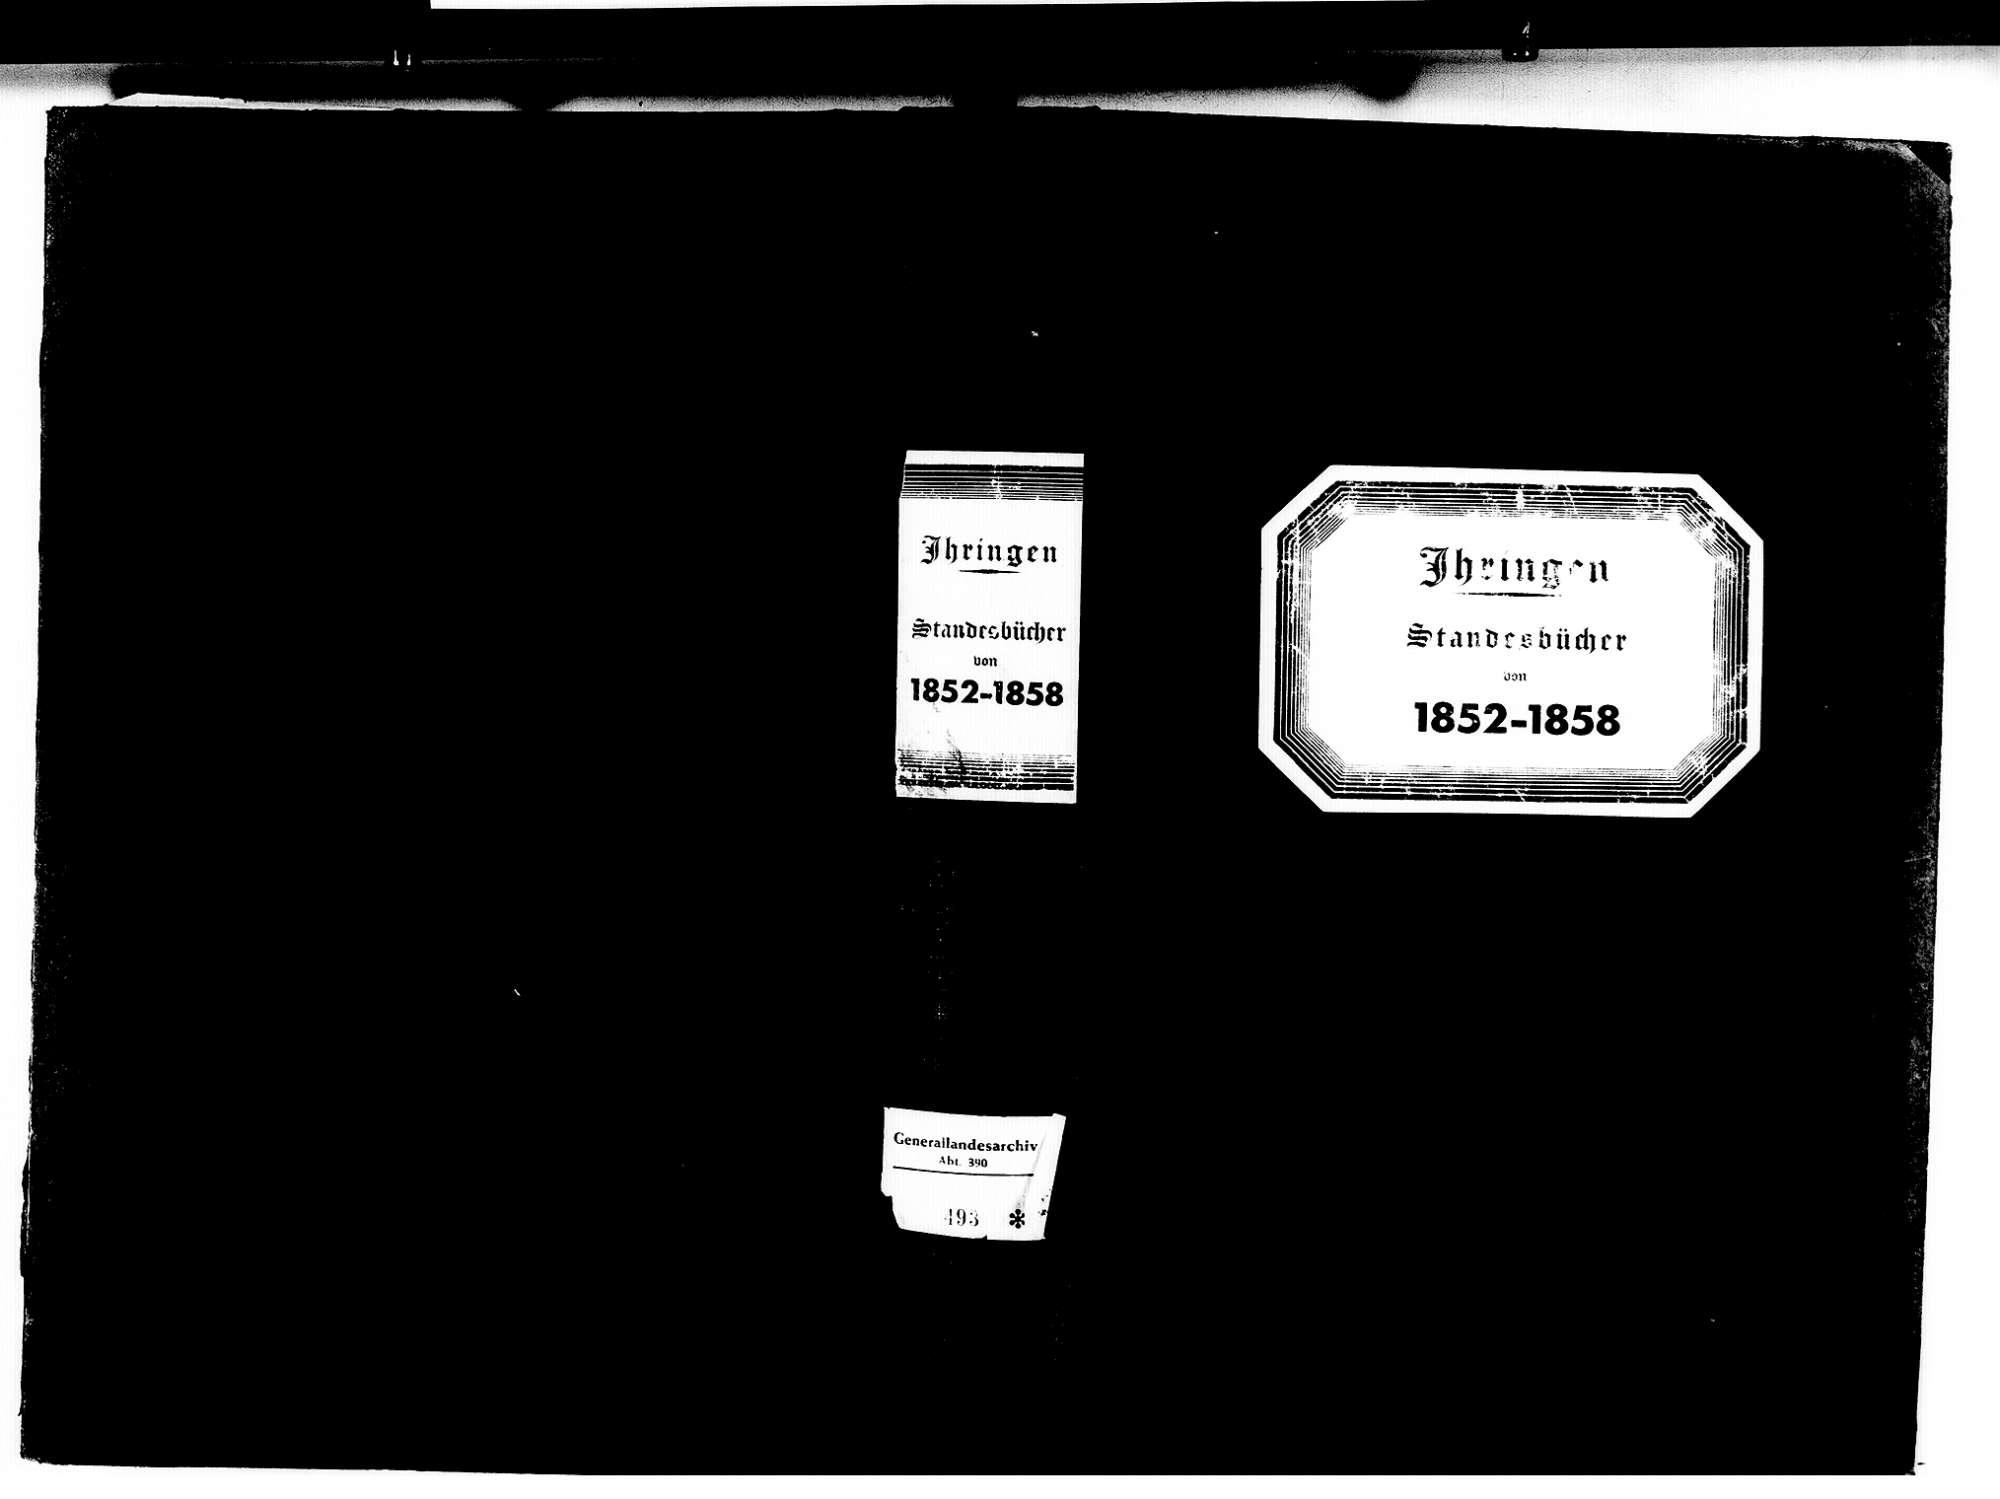 Ihringen FR; Evangelische Gemeinde: Standesbuch 1852-1858 Ihringen FR; Israelitische Gemeinde: Standesbuch 1852-1858, Bild 1